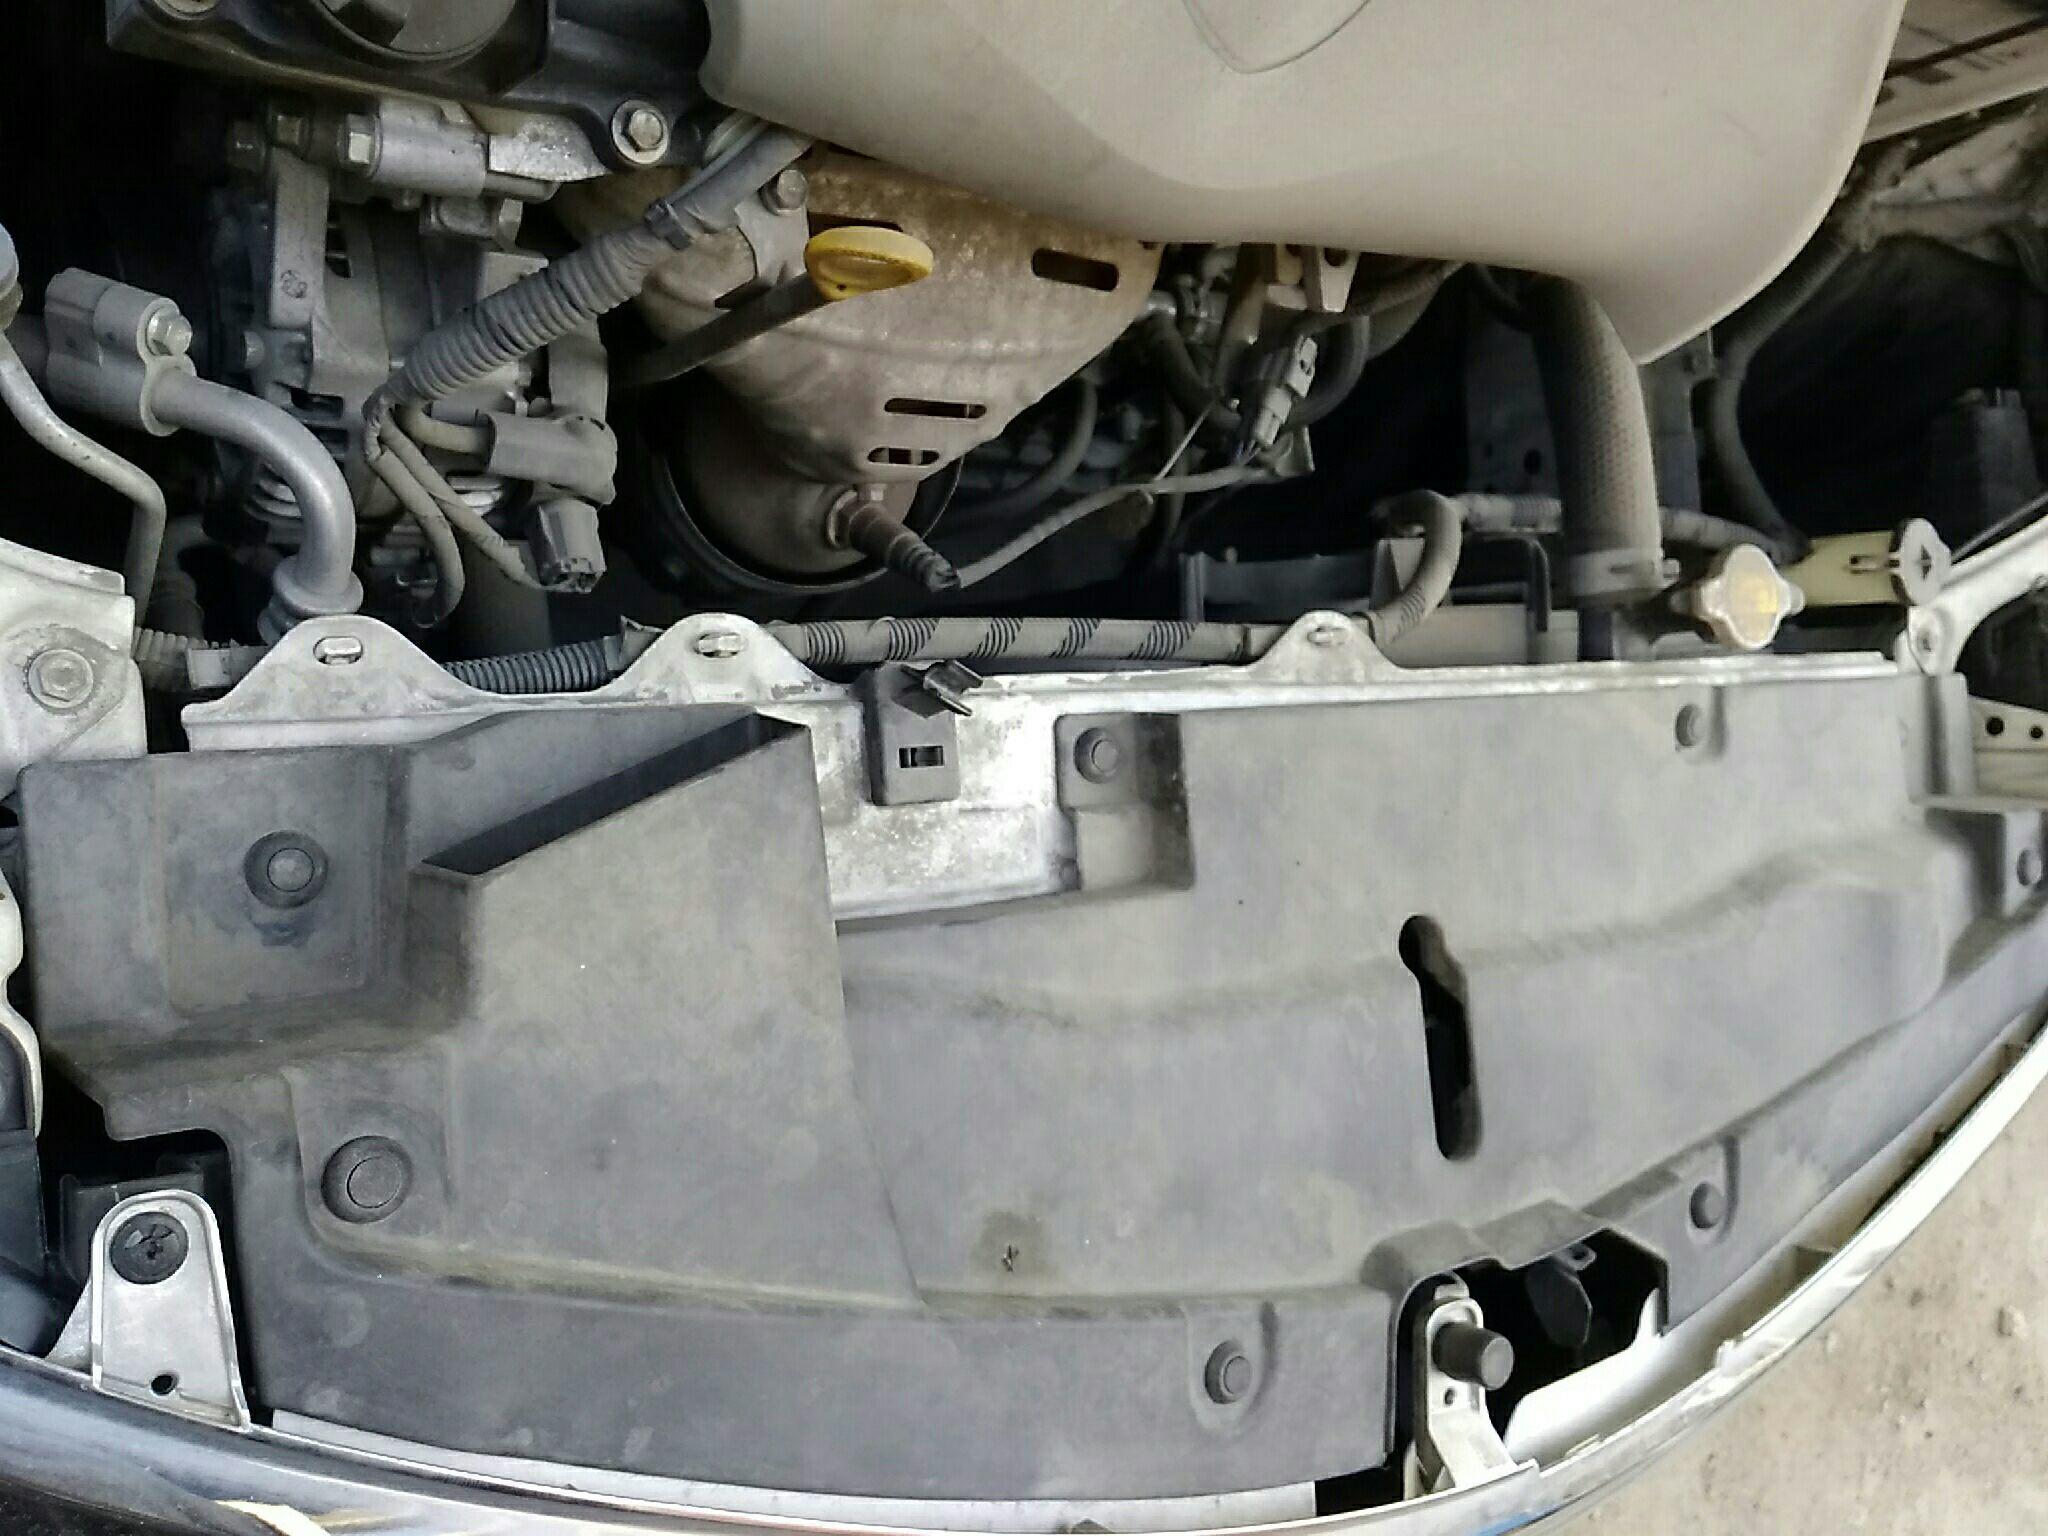 齐齐哈尔二手丰田威驰 > 丰田威驰 2014  车头轻微的碰撞会导致水箱